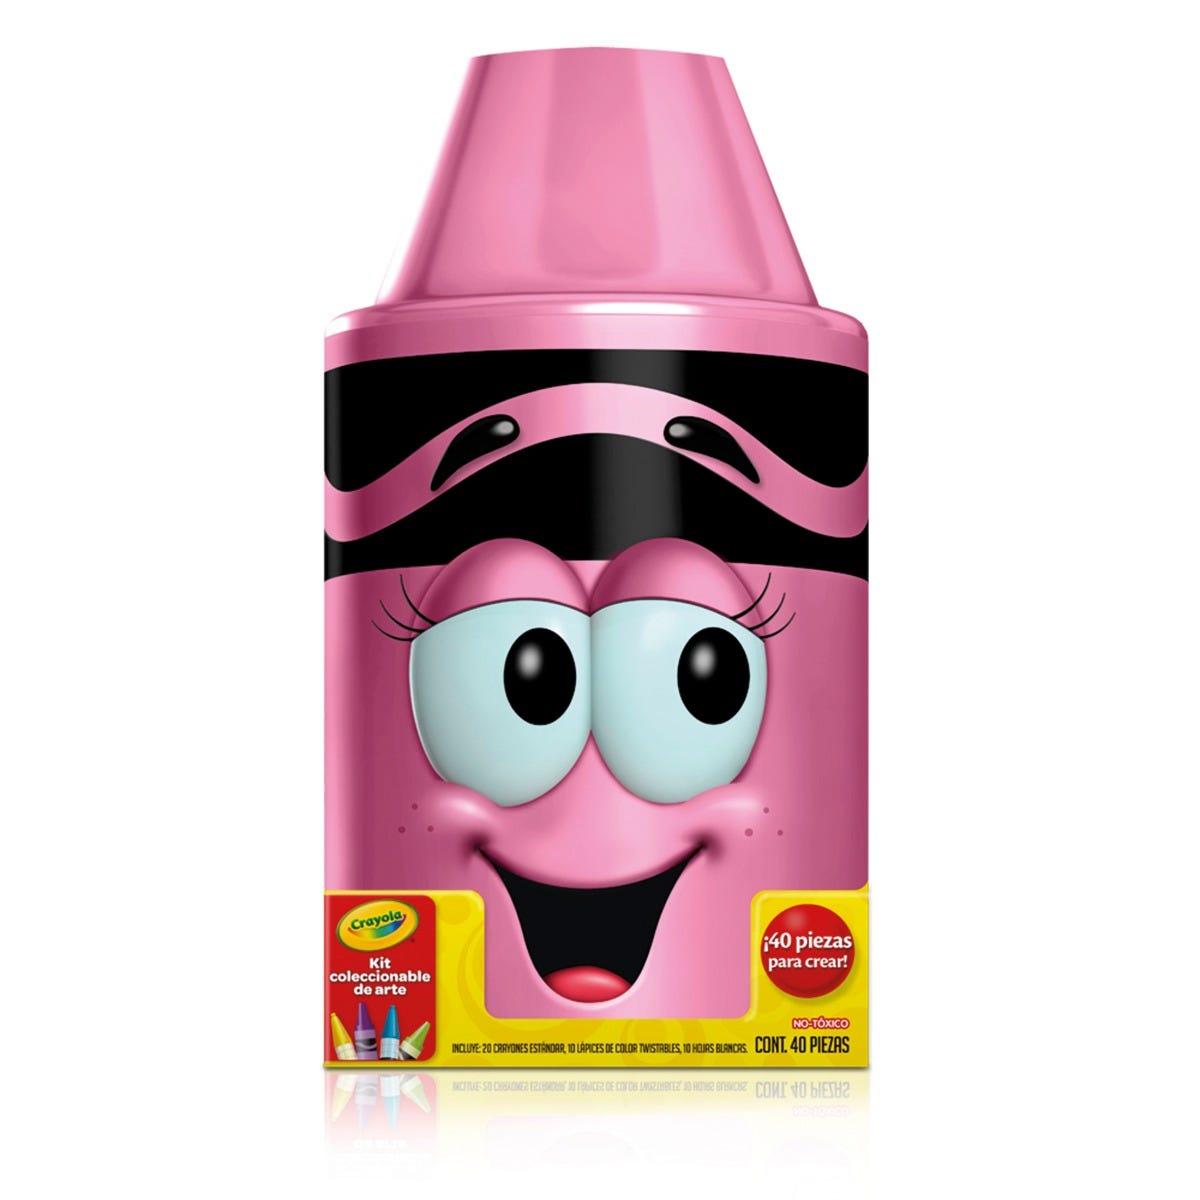 Kit coleccionable de arte Crayola® en rosa